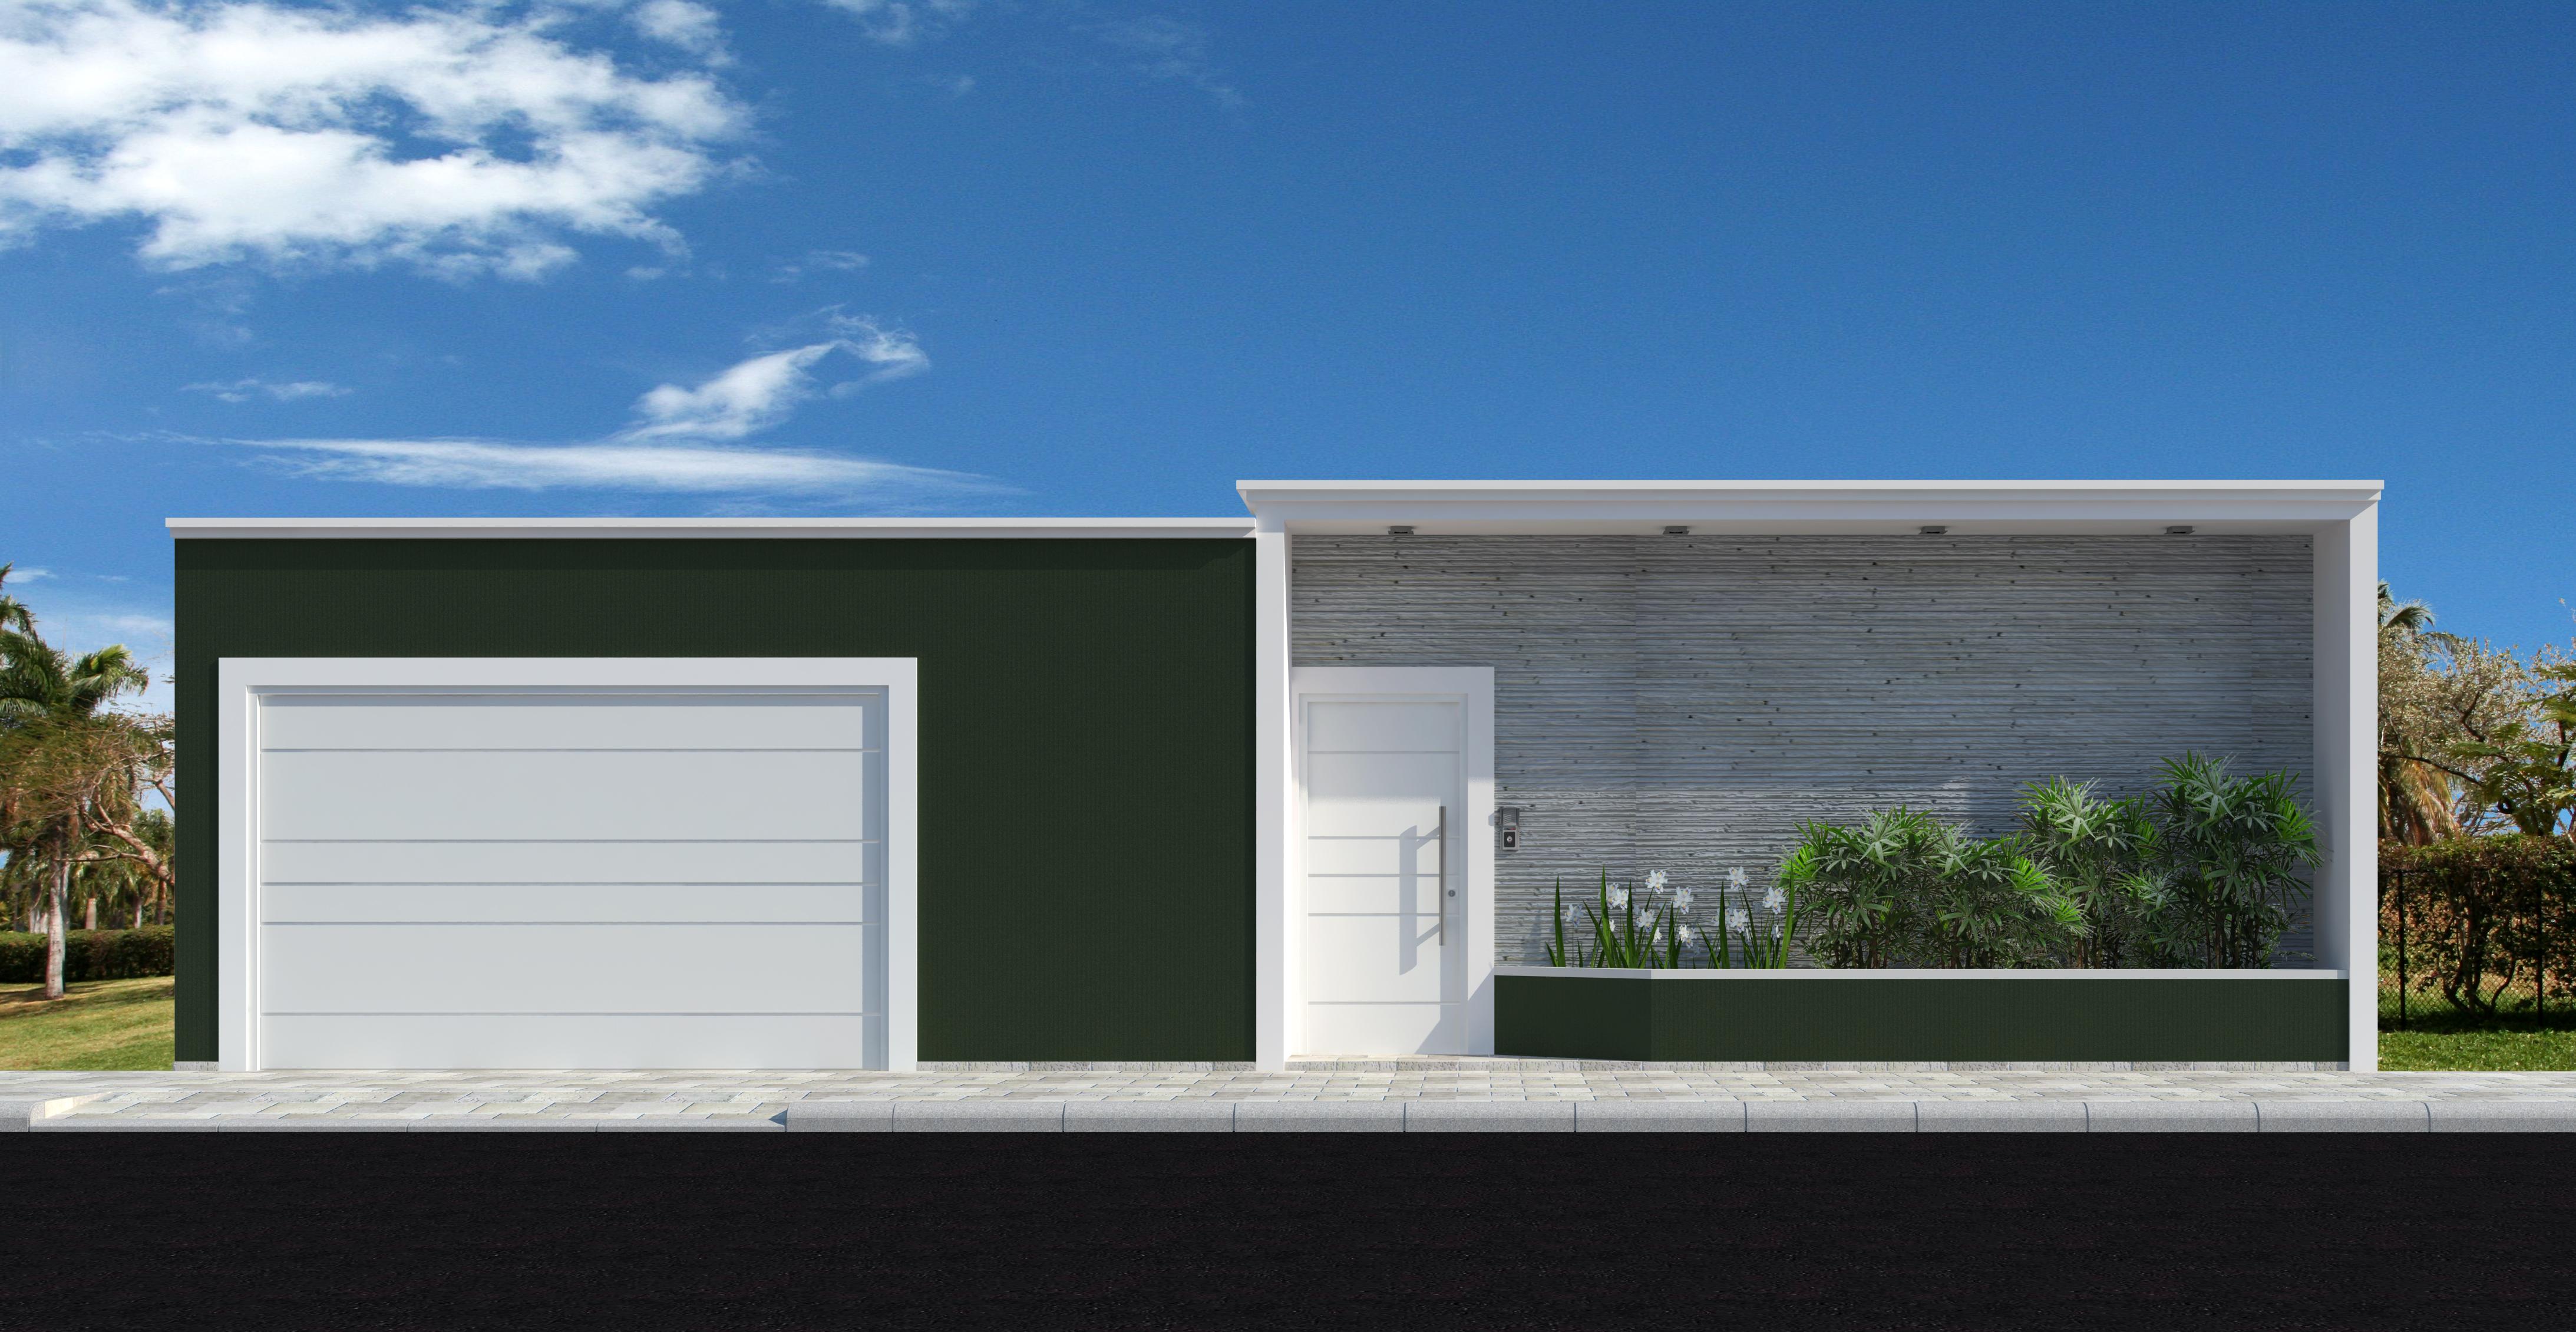 Fachadas de casas modernas com muros fotos decorando casas for Casas modernas fachadas bonitas